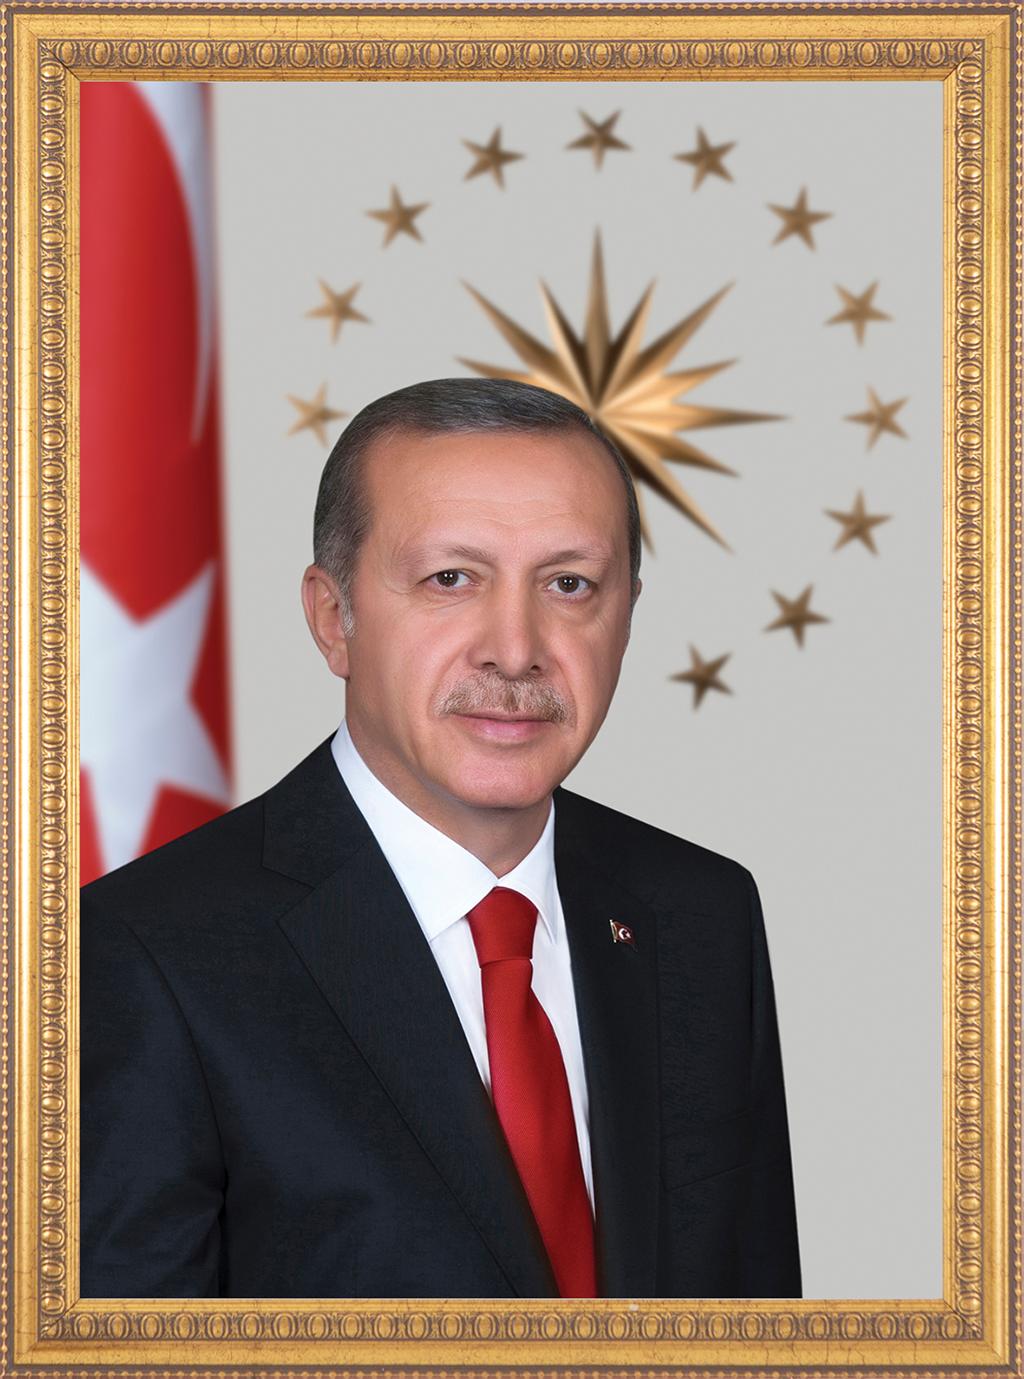 Cumhurbaşkanı Recep Tayyip Erdoğan Portresi